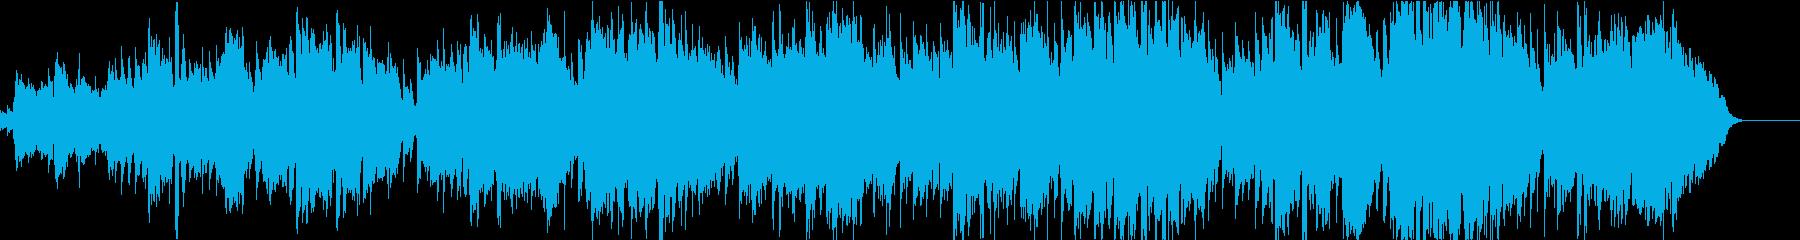 赤とんぼ(ケロケロボイス版)Bの再生済みの波形